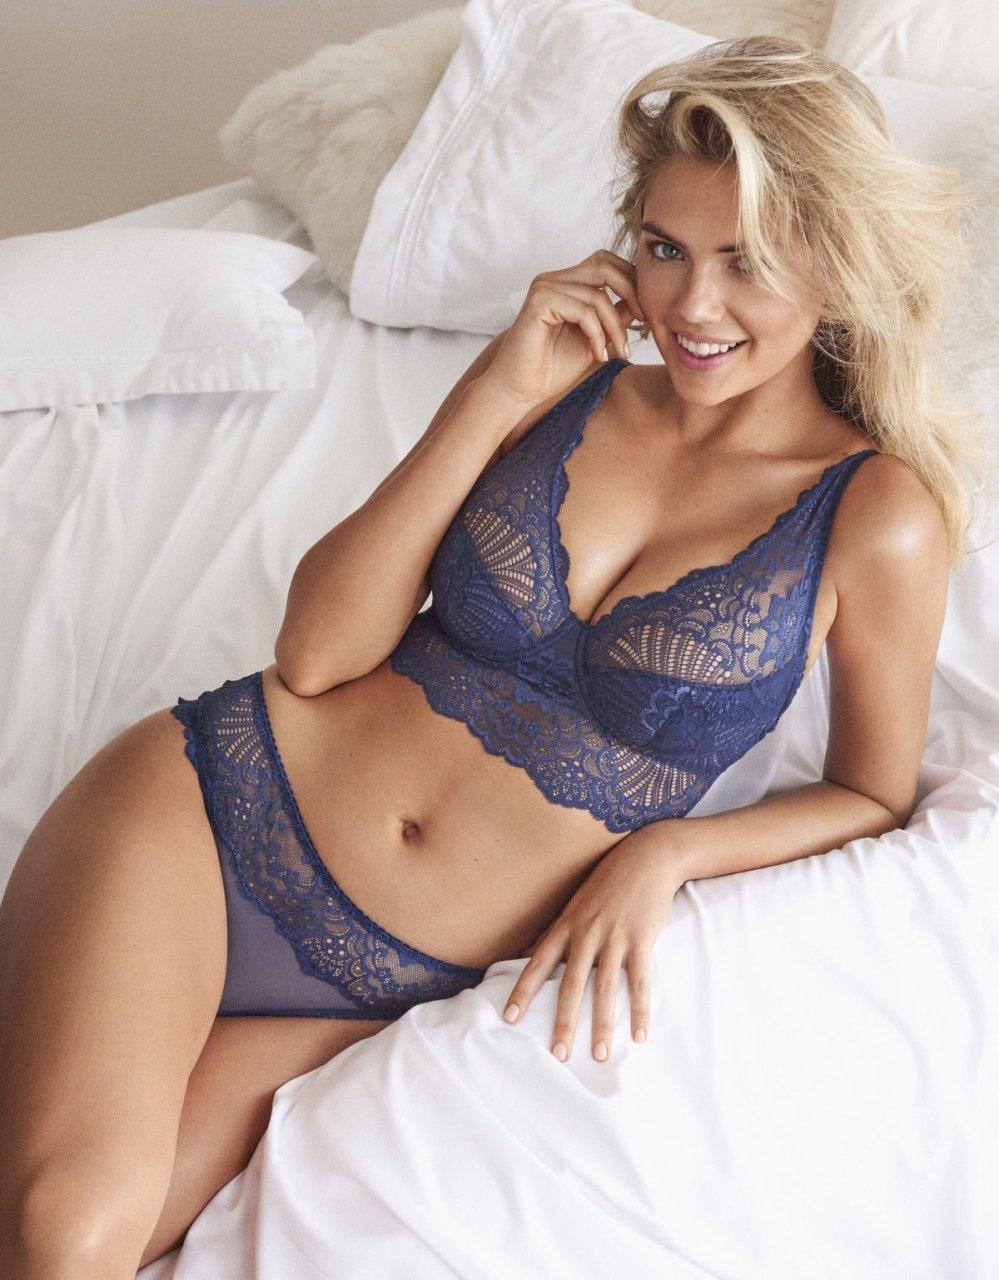 new Kate pics upton